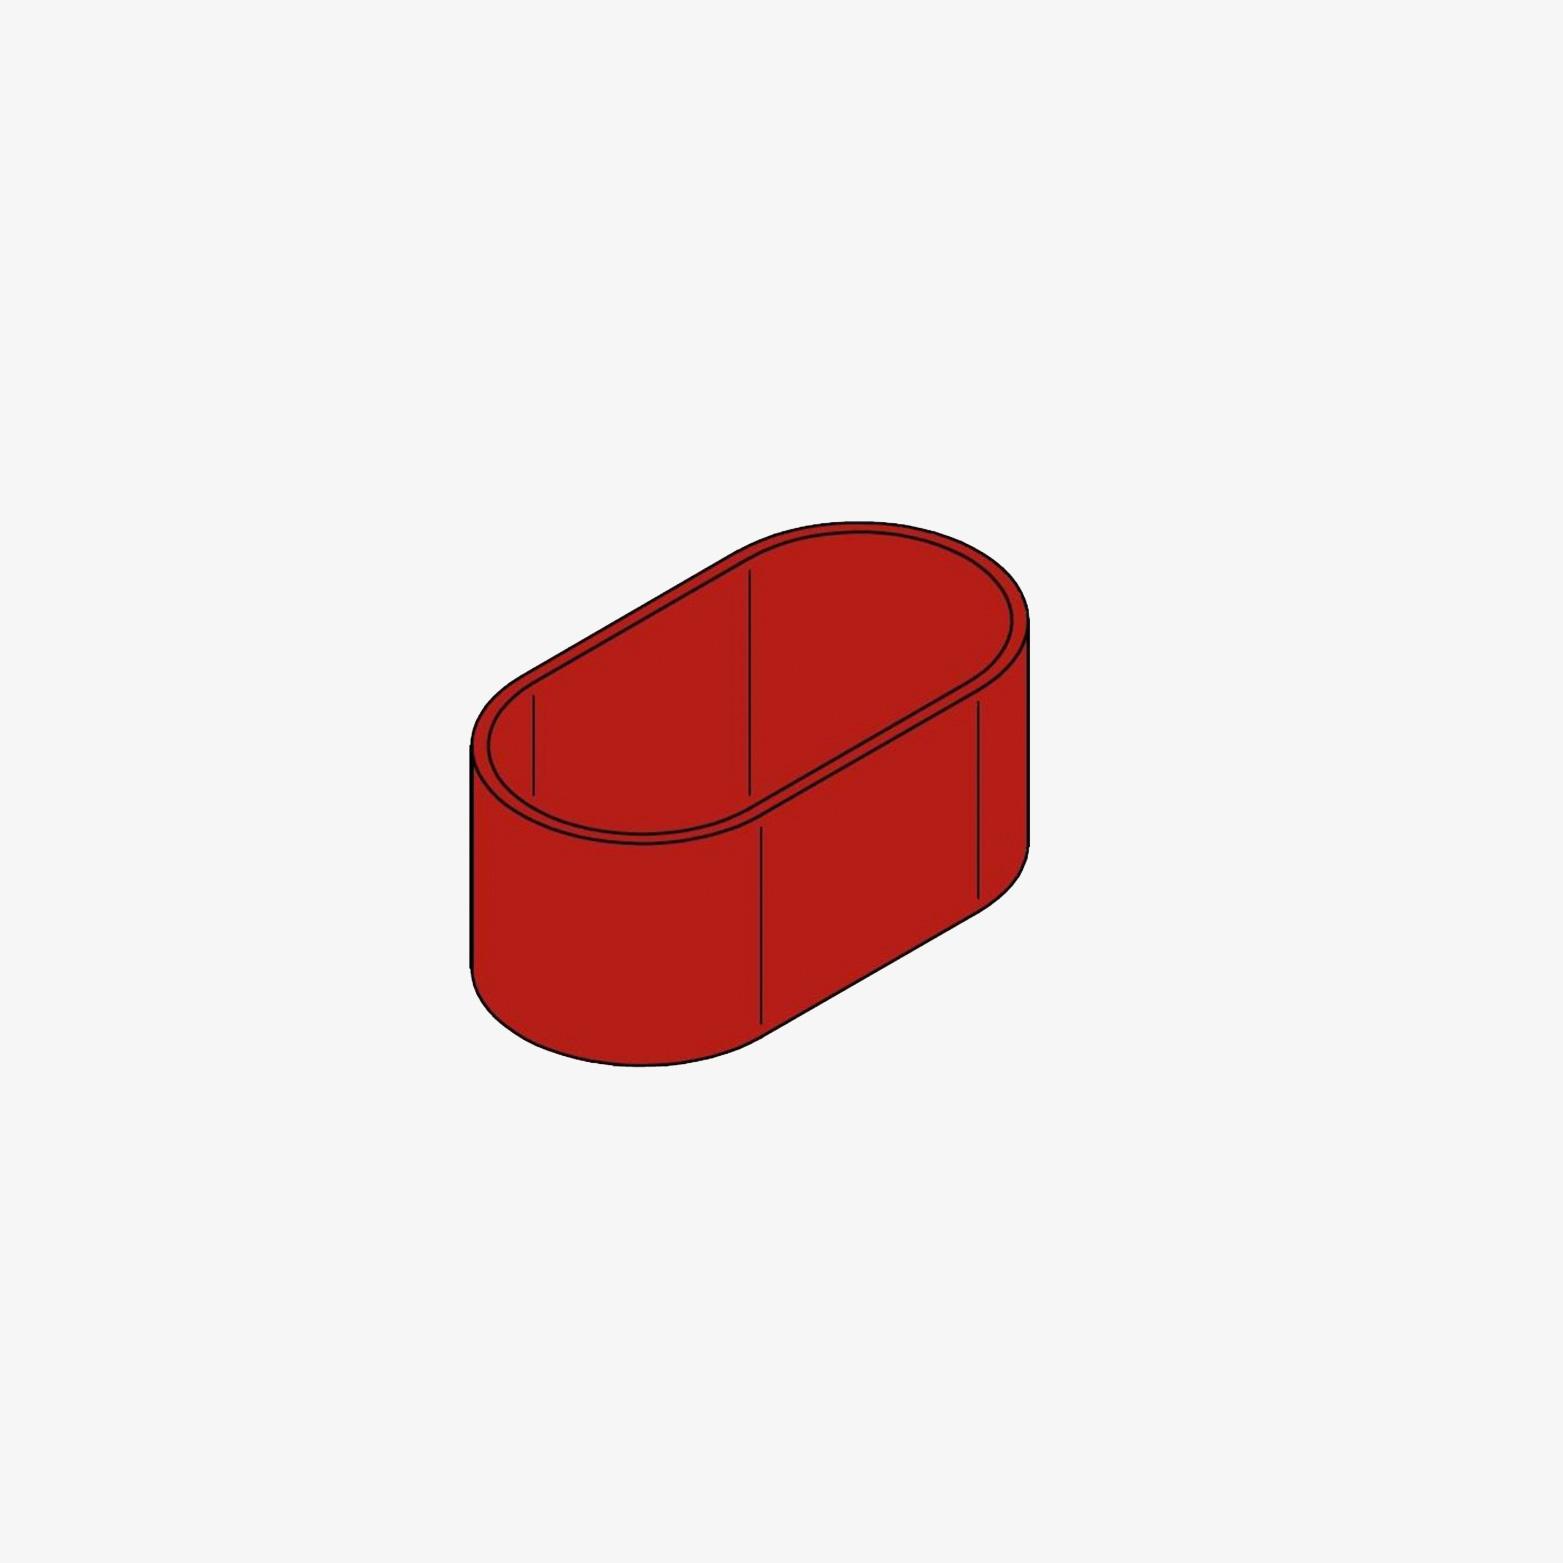 Gurtung oval, ähnlich VG 88700-3